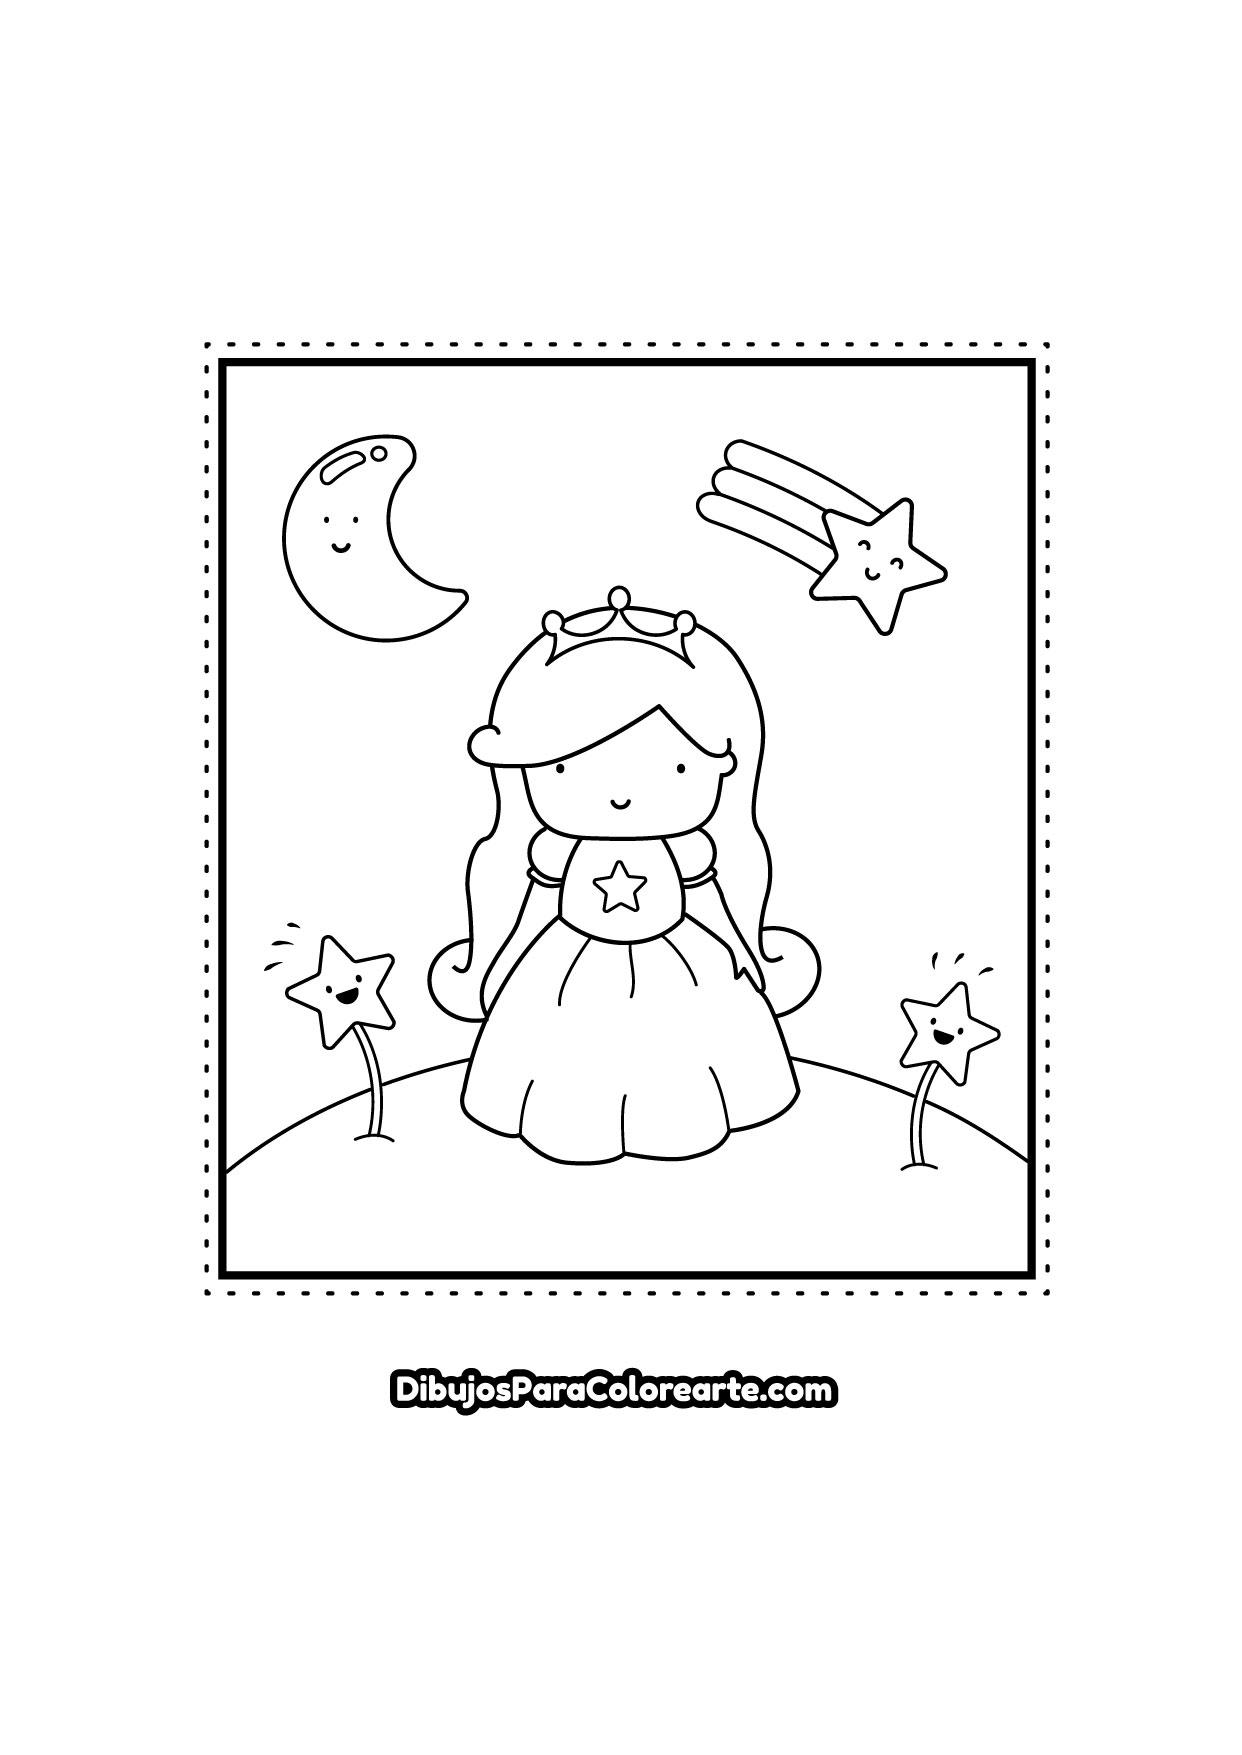 Dibujo Para Colorear De Princesa Estrella